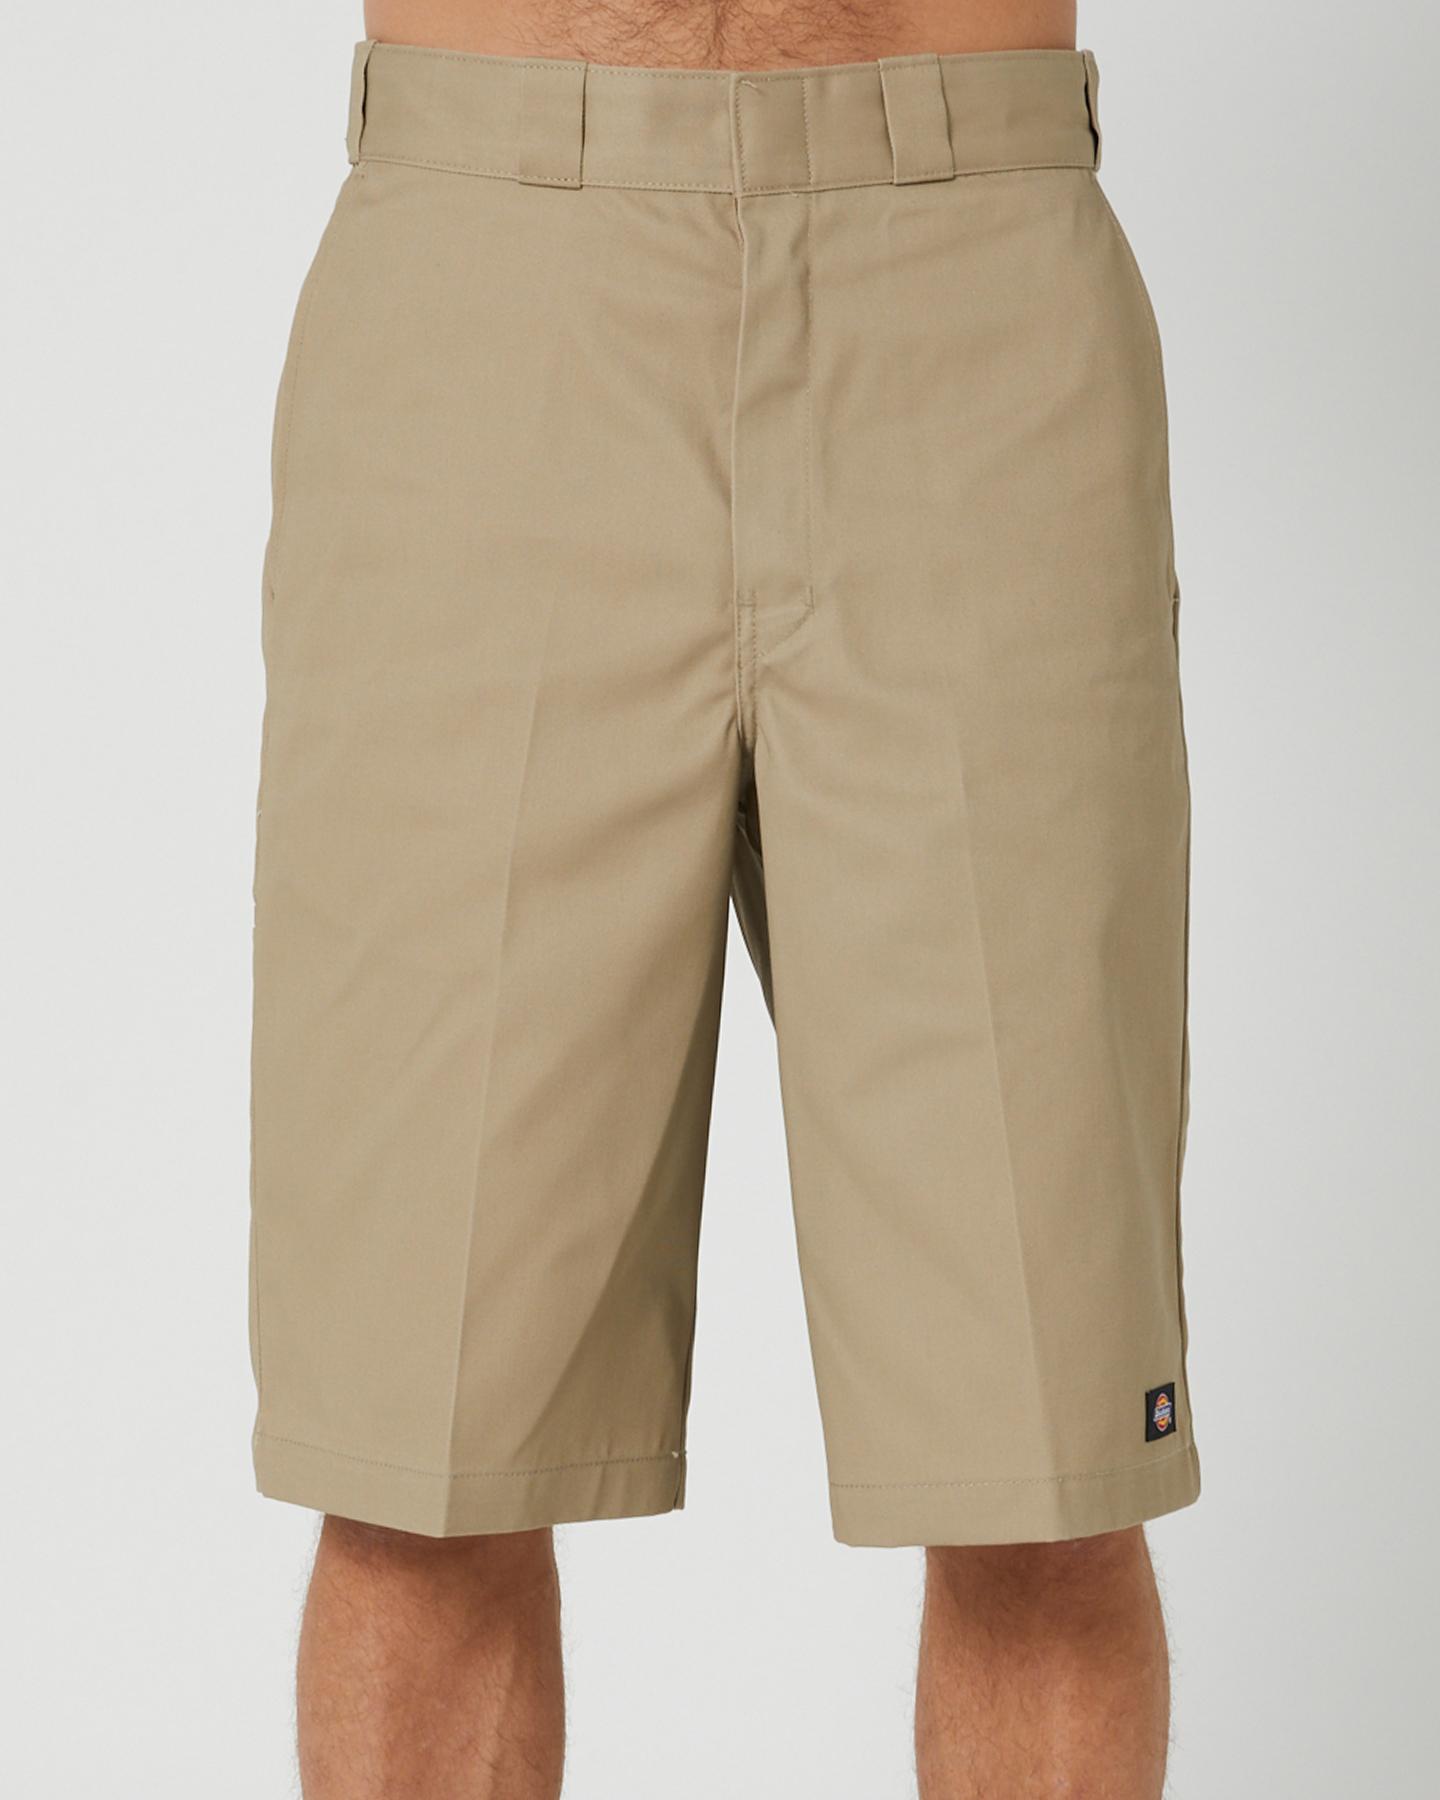 Dickies 13 Inch Multi Pocket Work Shorts Khaki Khaki